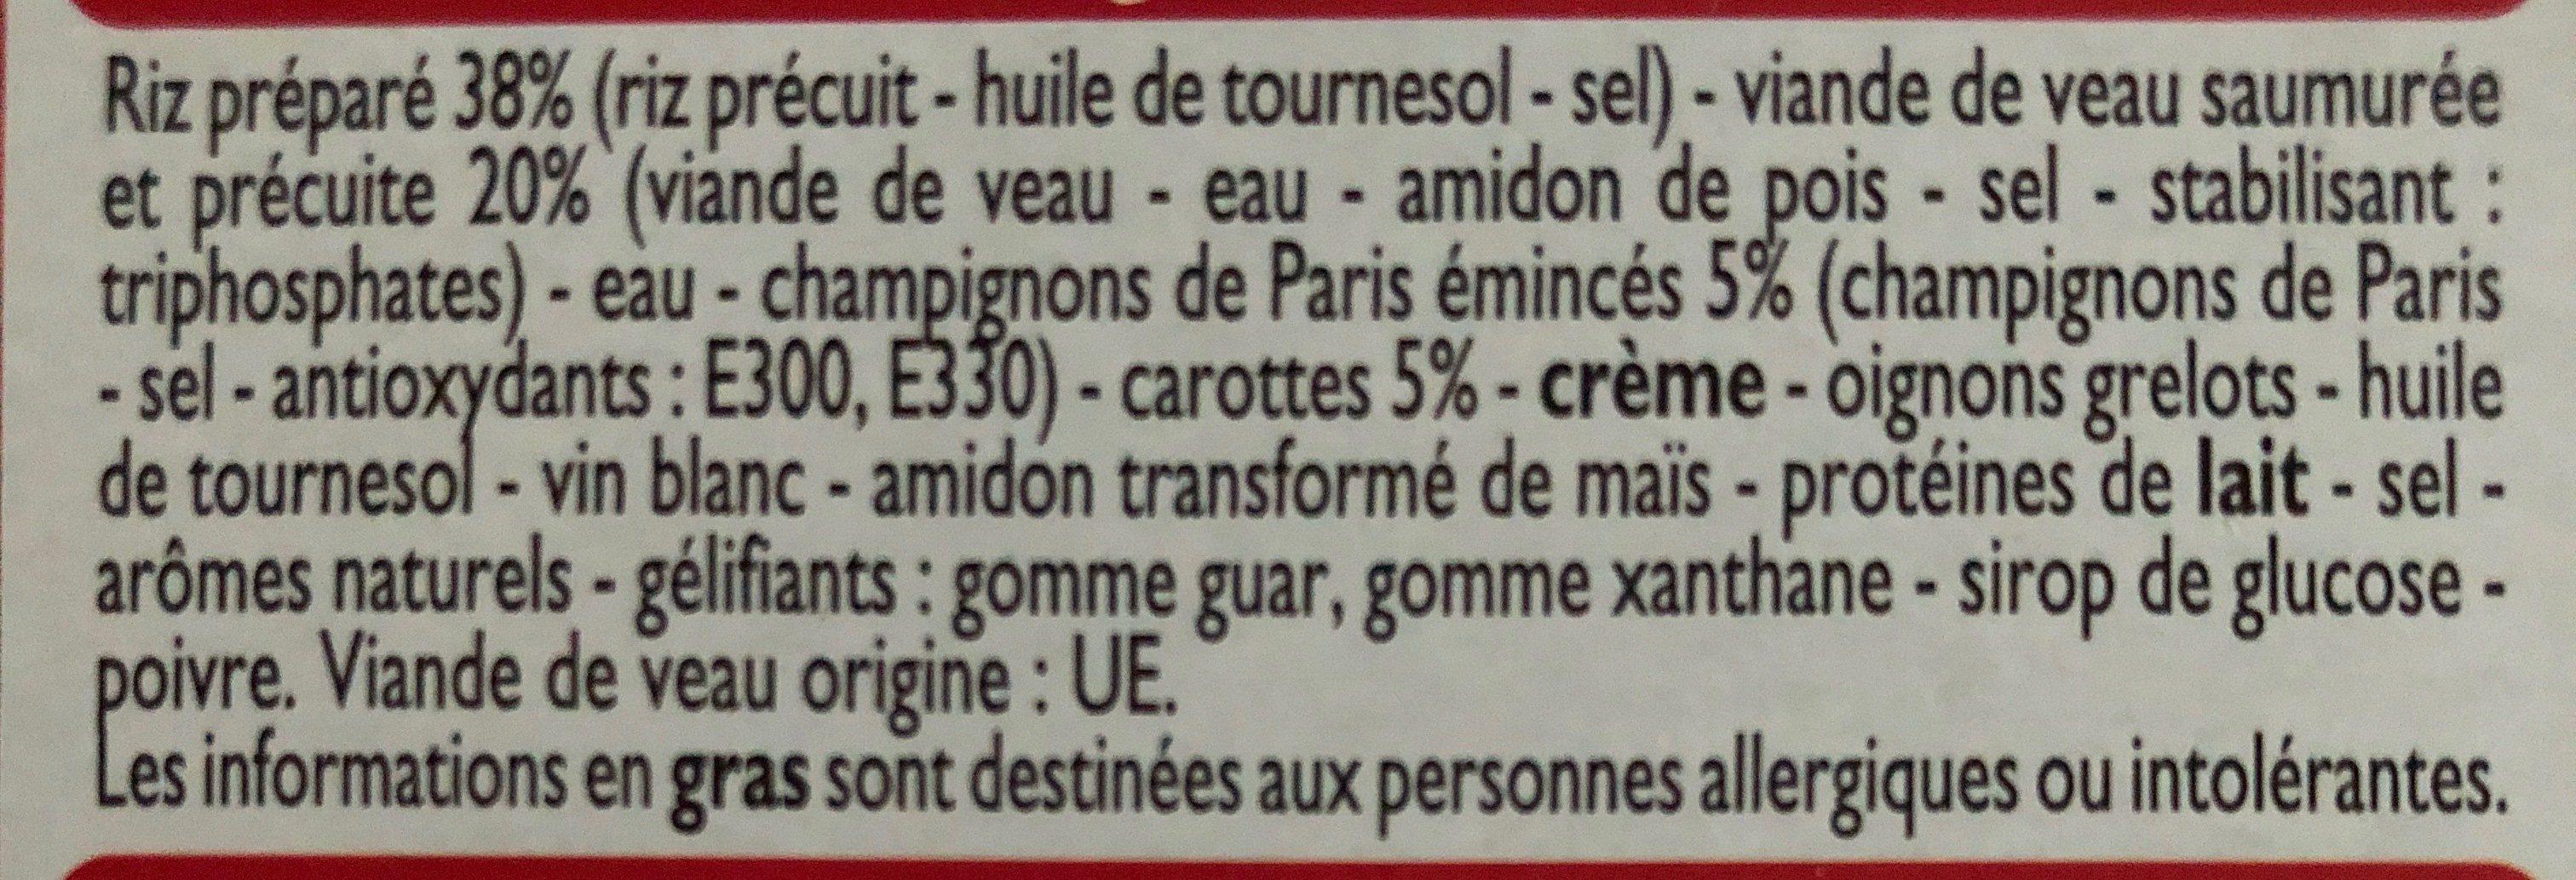 Blanquette de Veau et son riz - Ingrédients - fr